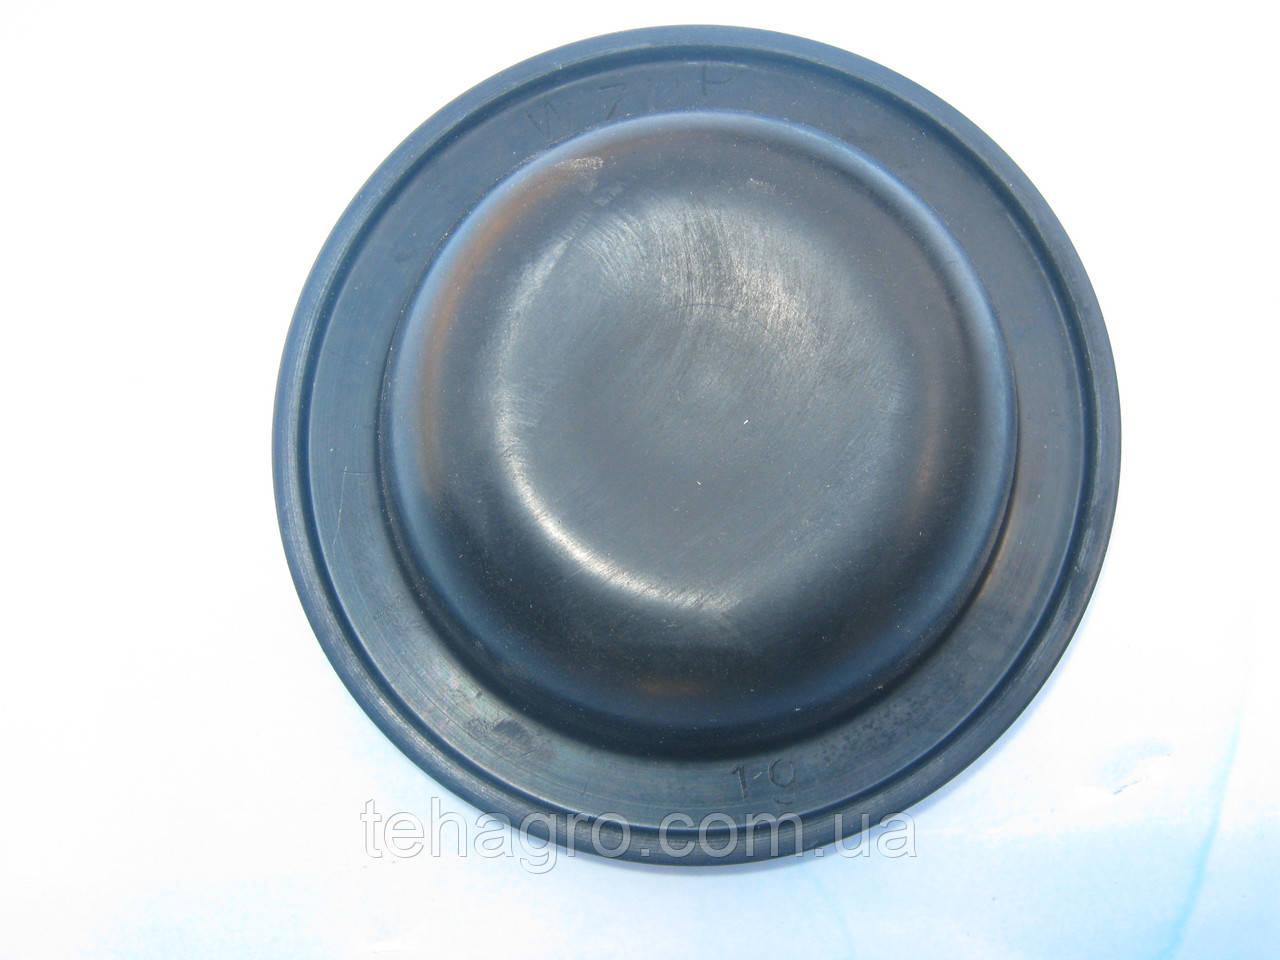 Мембрана нагнетателя воздуха ( воздушная мембрана ) насоса TAD-LEN